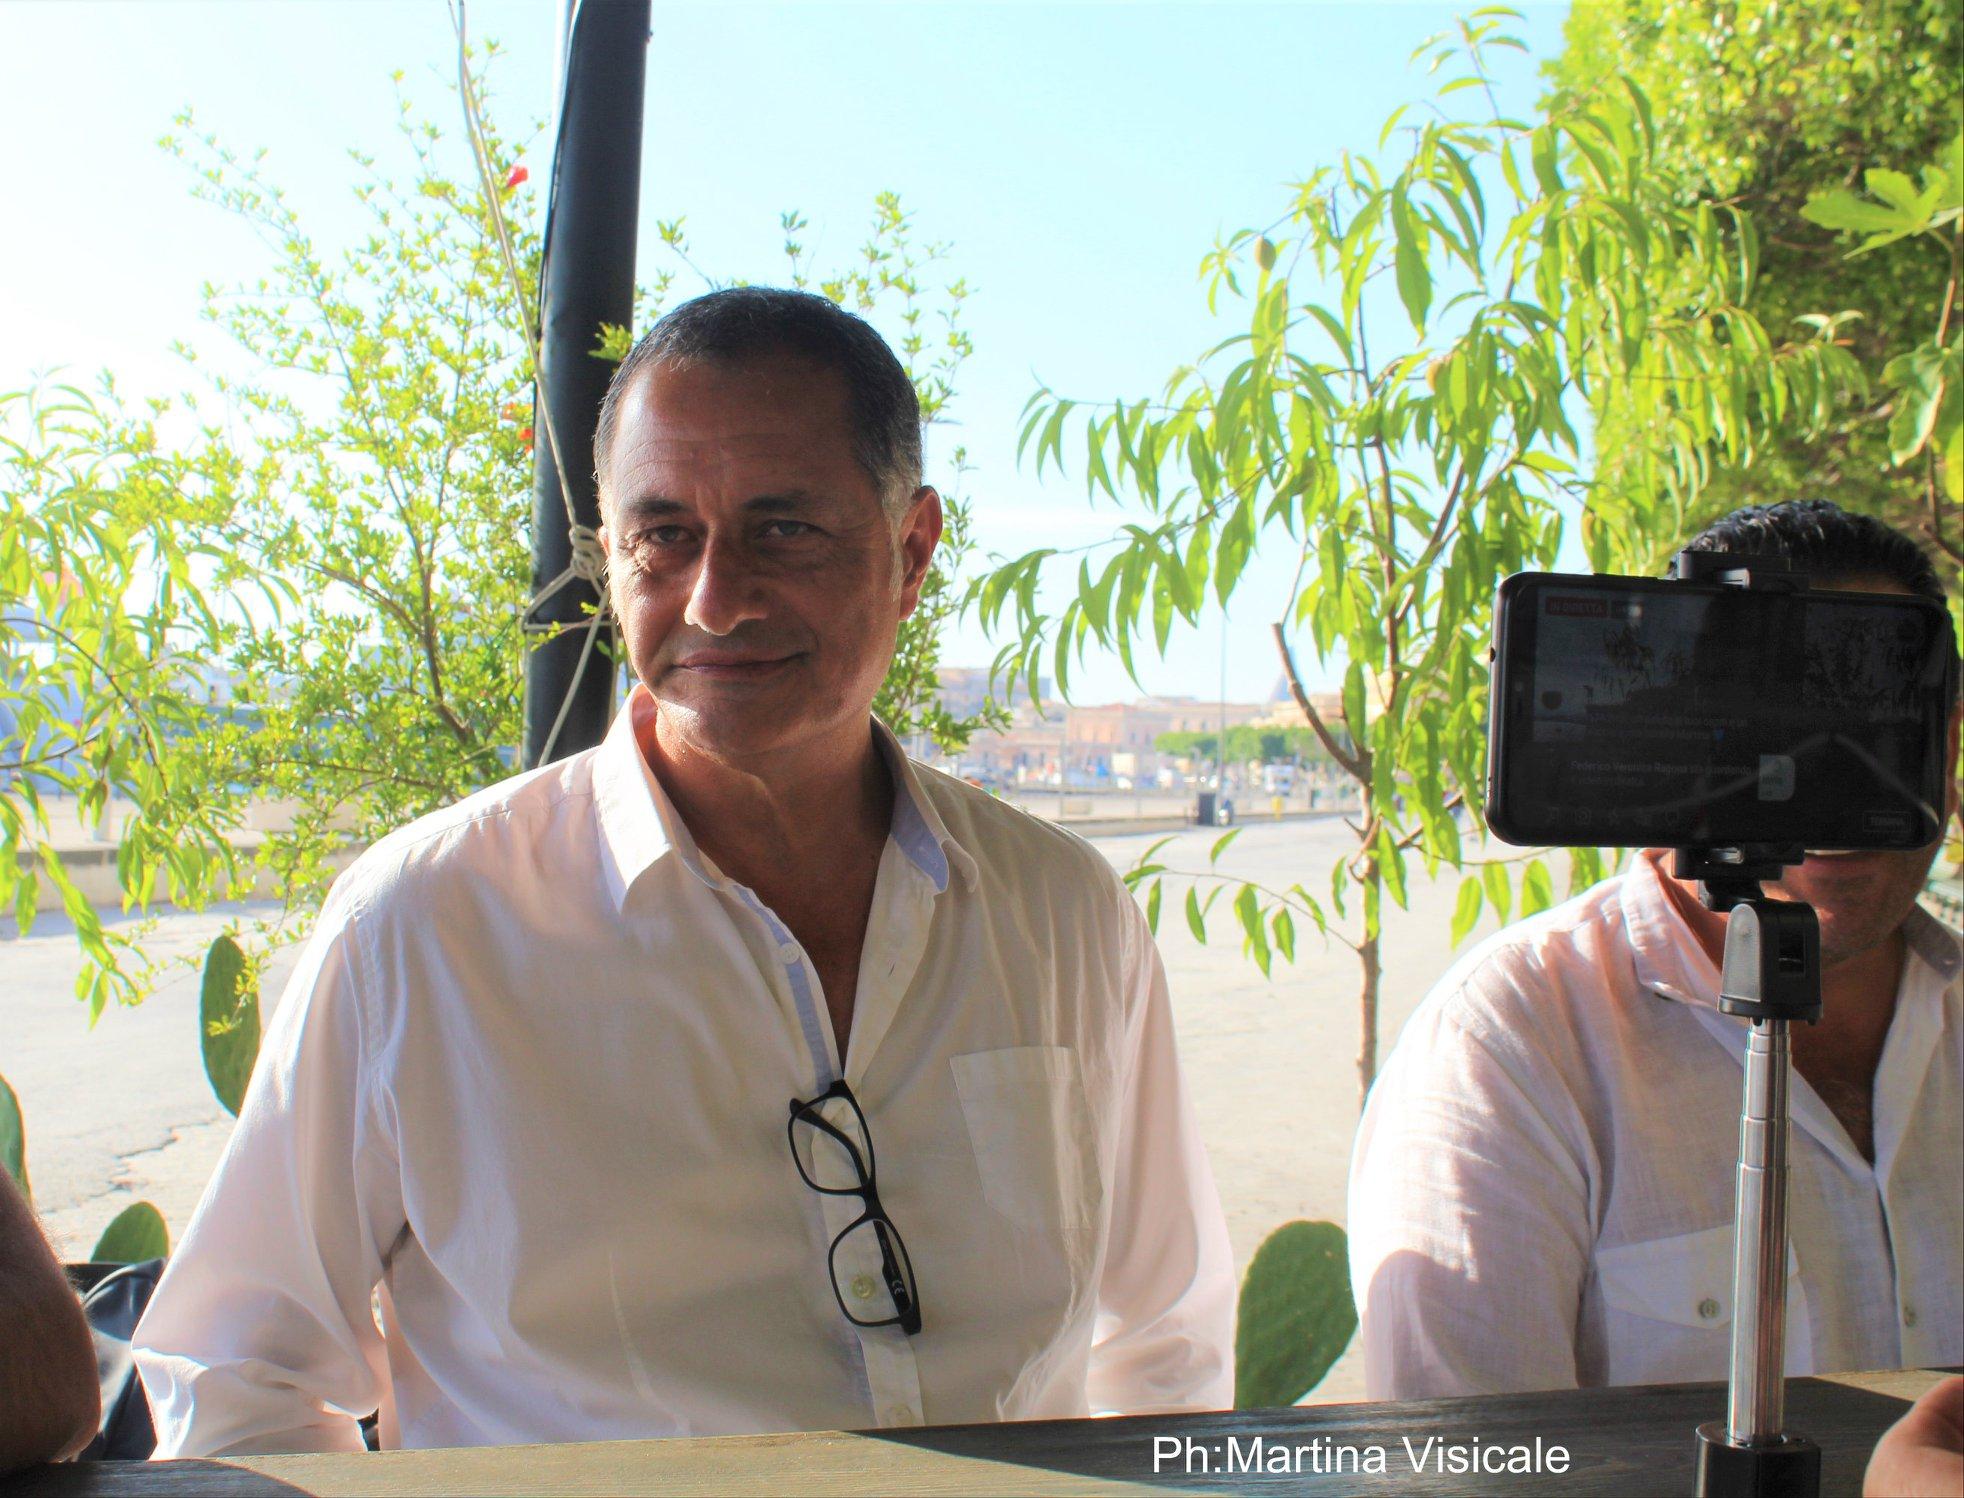 Eccellenza, Acicatena: si dividono le strade con il Direttore Generale Graziano Strano